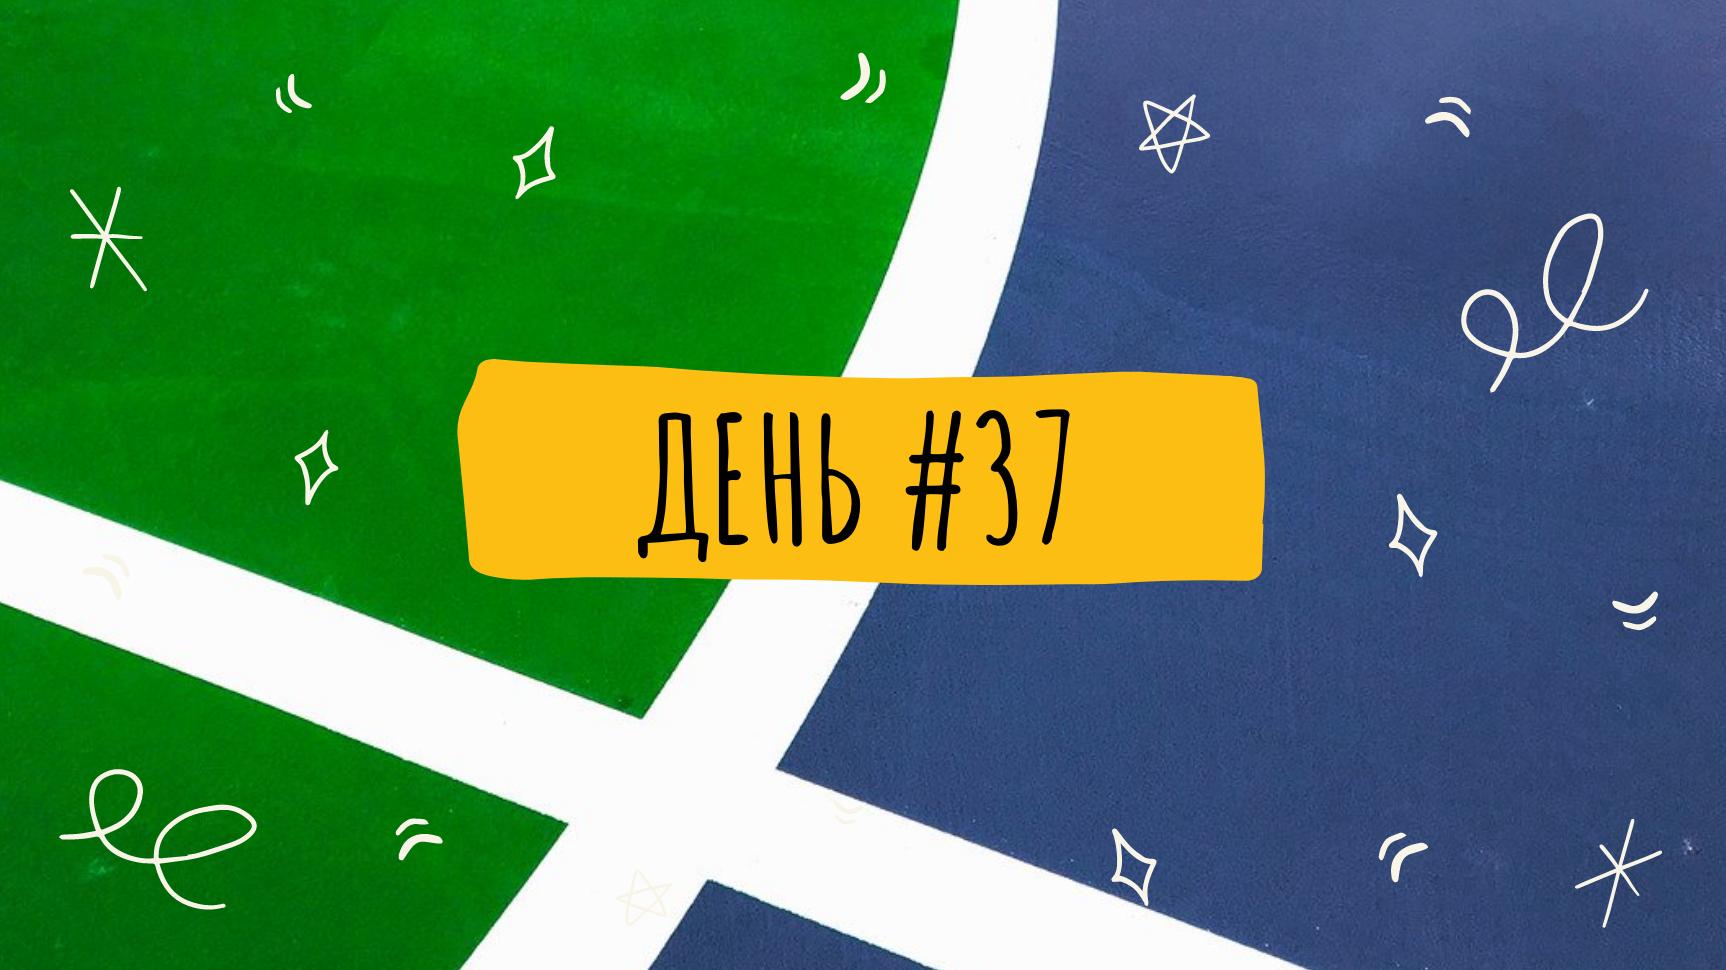 День #37